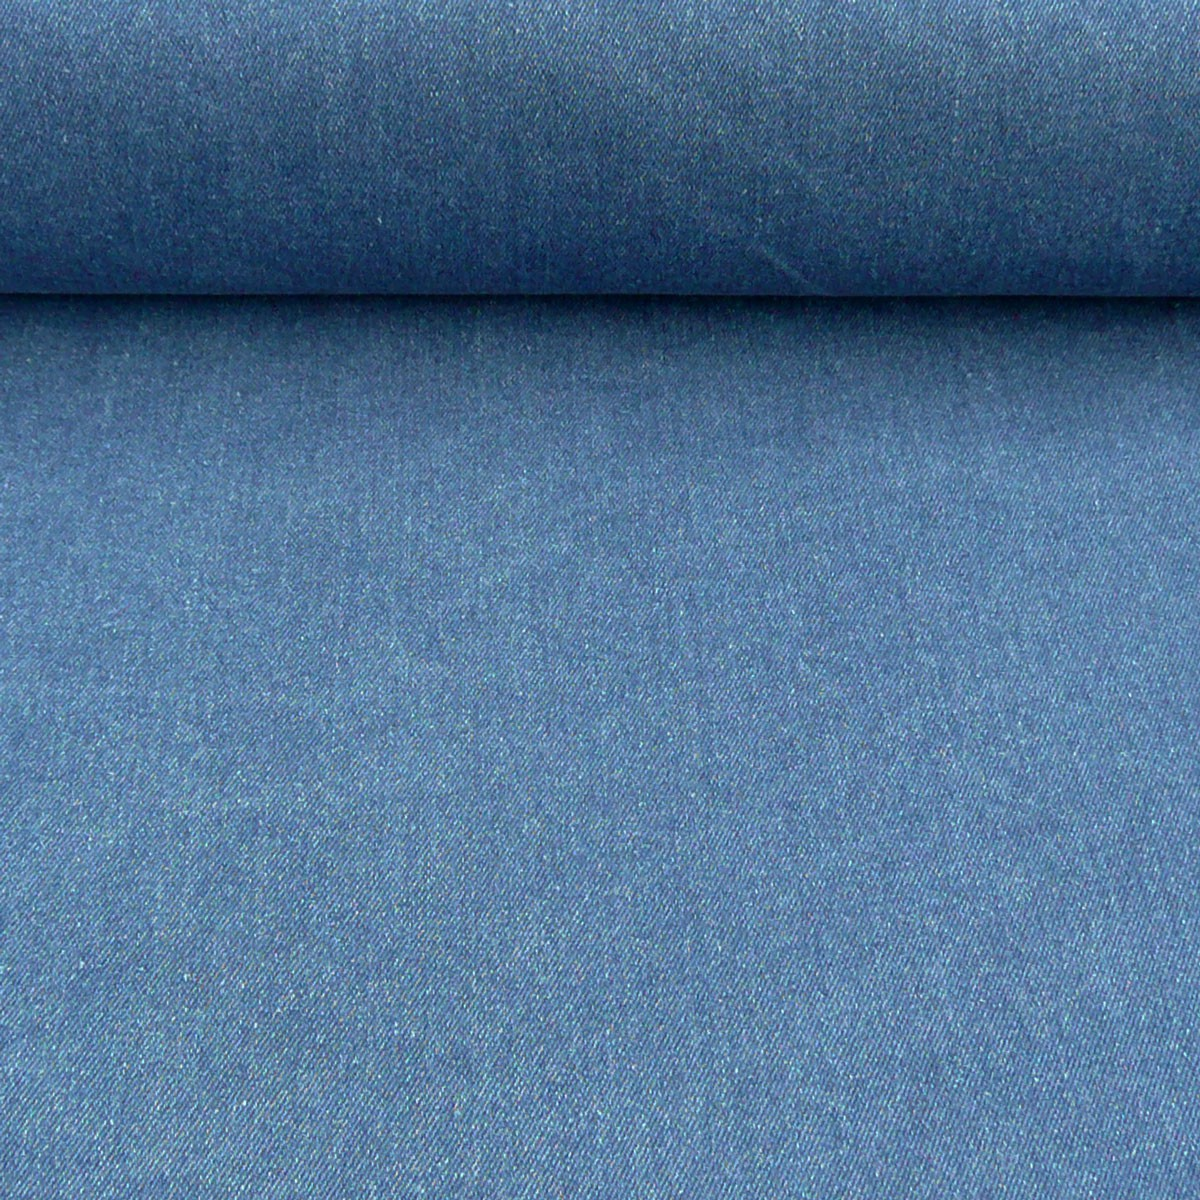 Jeansstoff Stretch Jeans 11OZ blau indigo washed